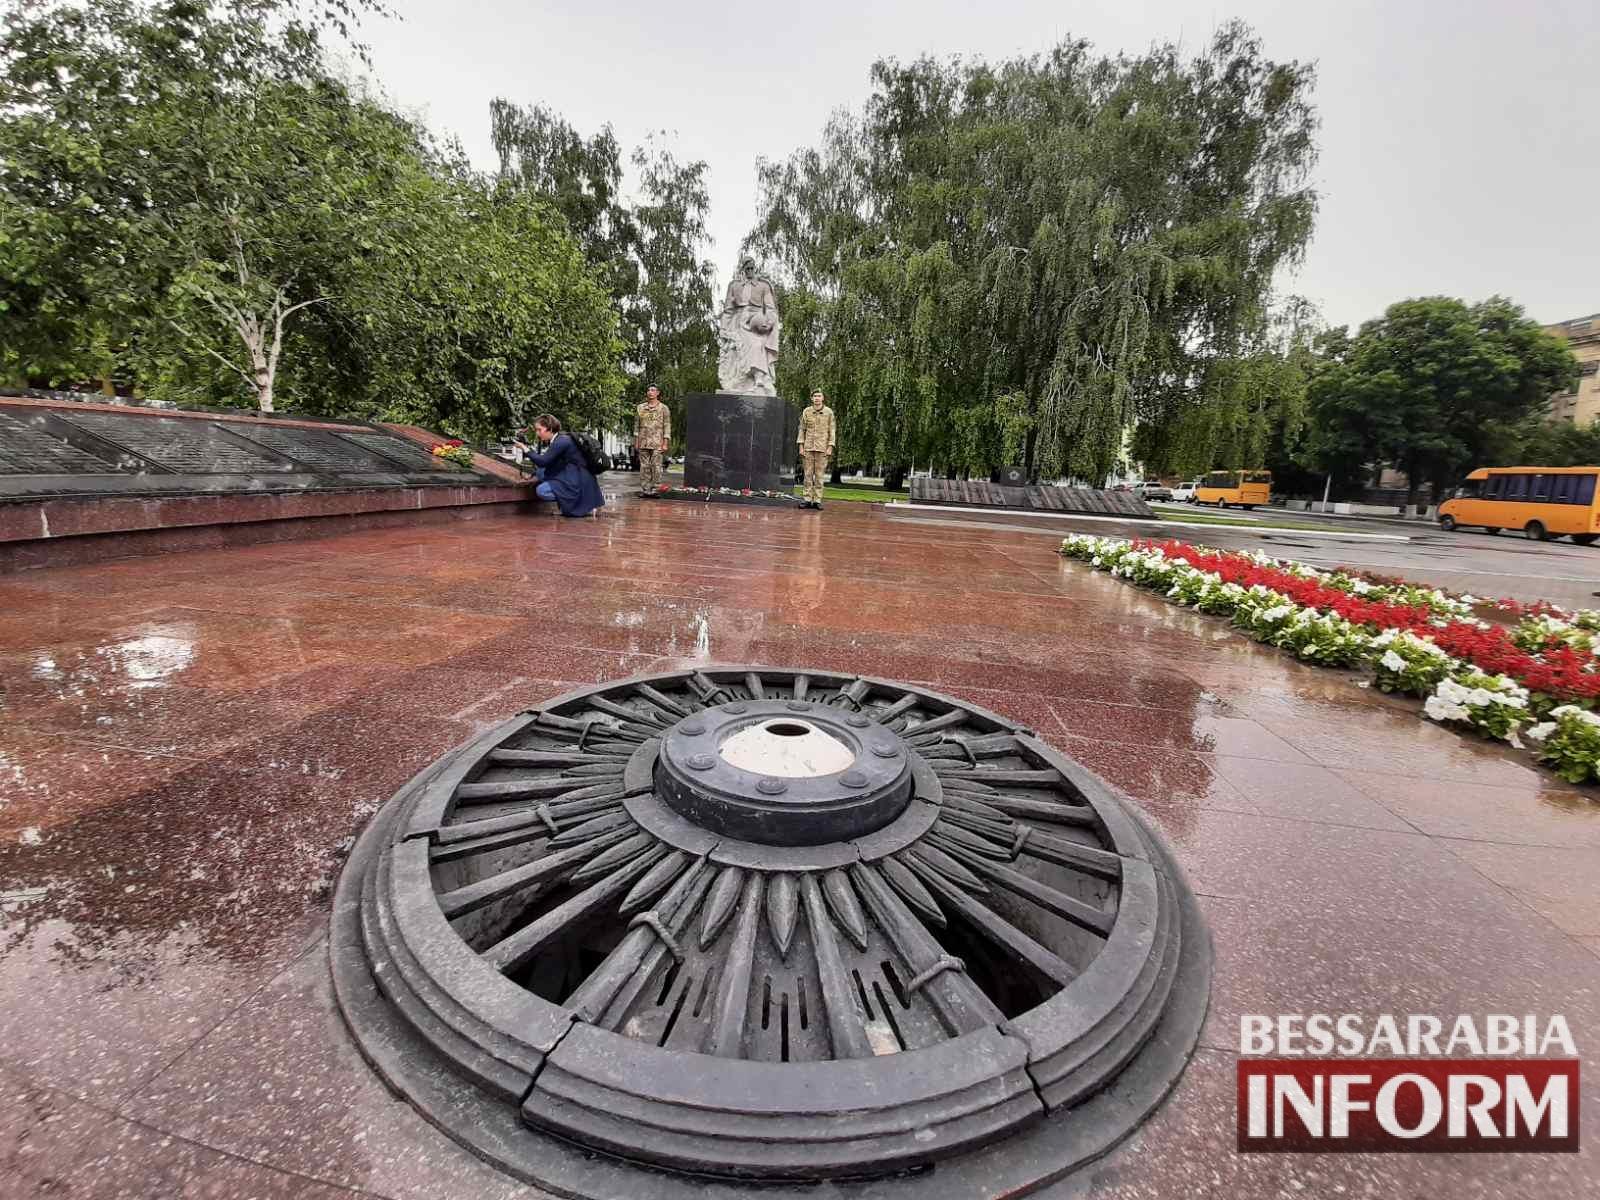 Ровно 80 лет назад: в Измаиле почтили память жертв Второй мировой войны